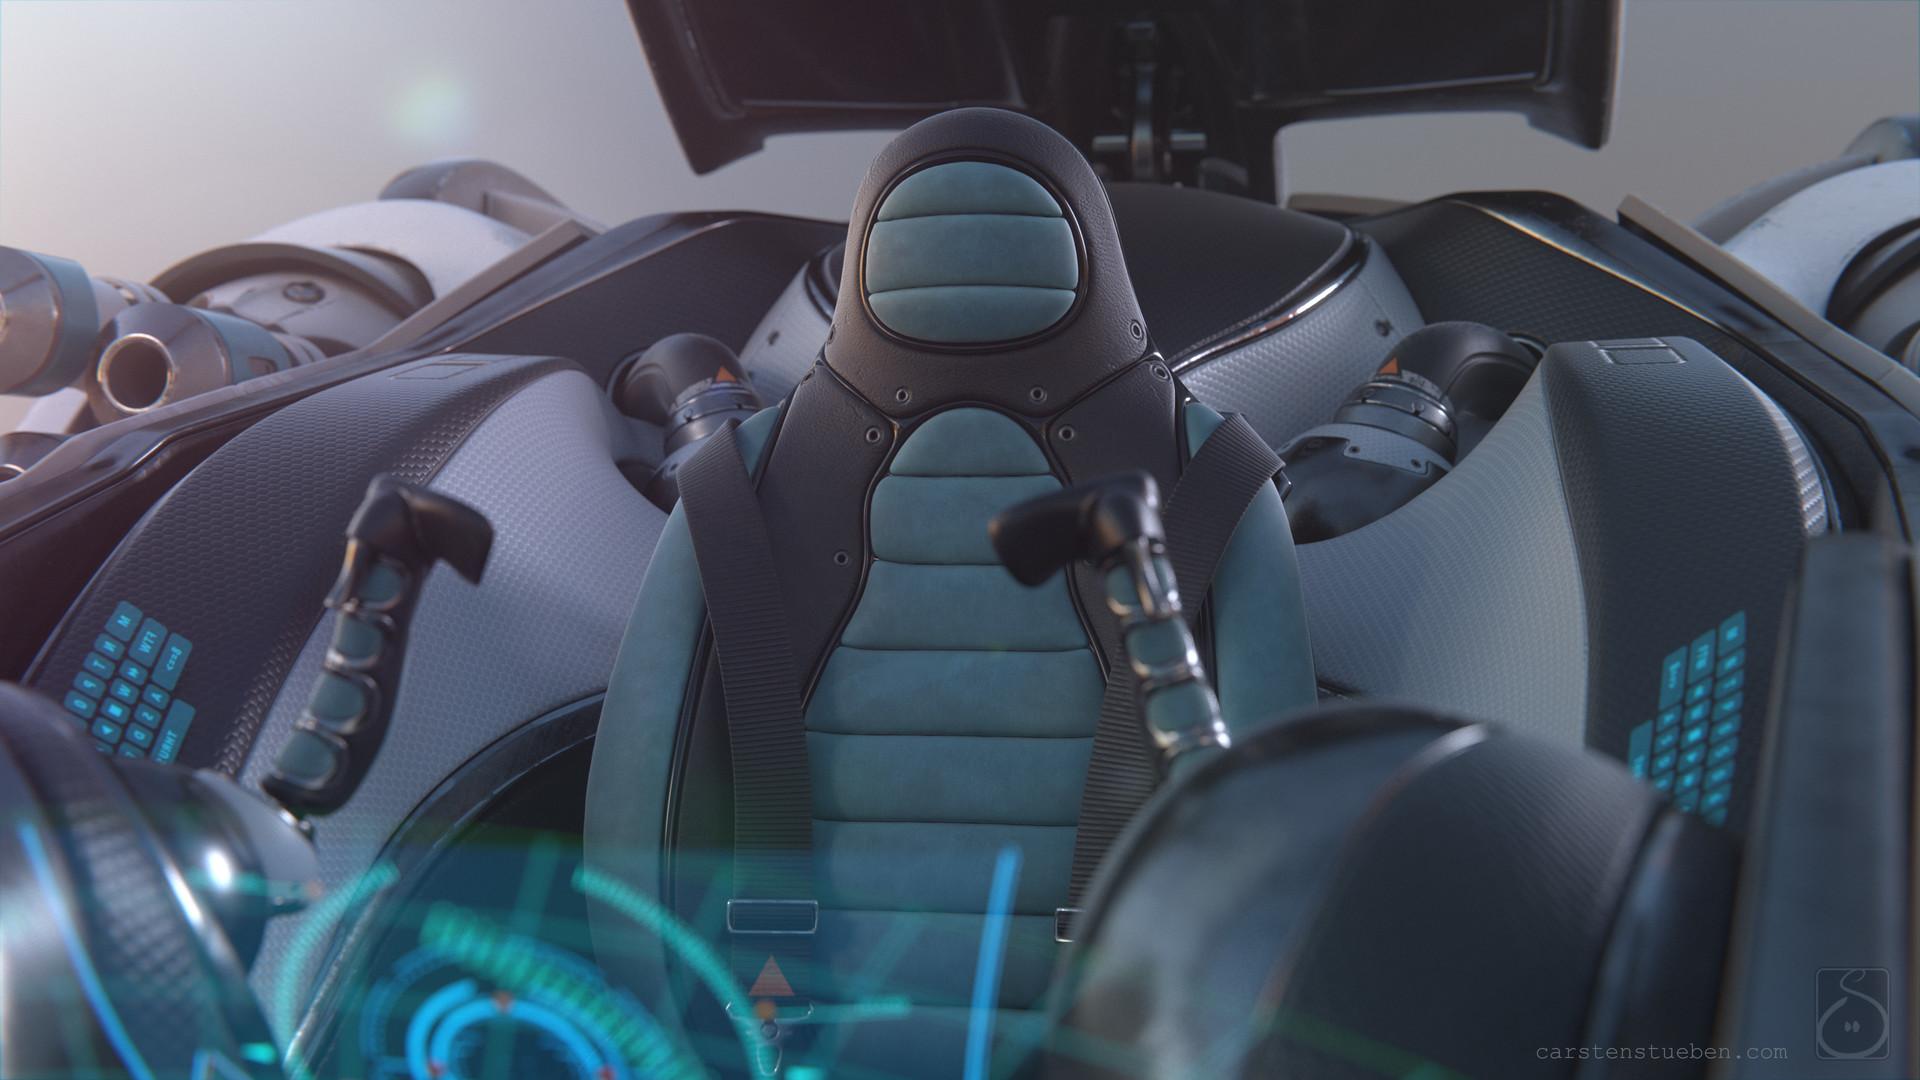 Carsten stueben thrust mantis42 cockpit04